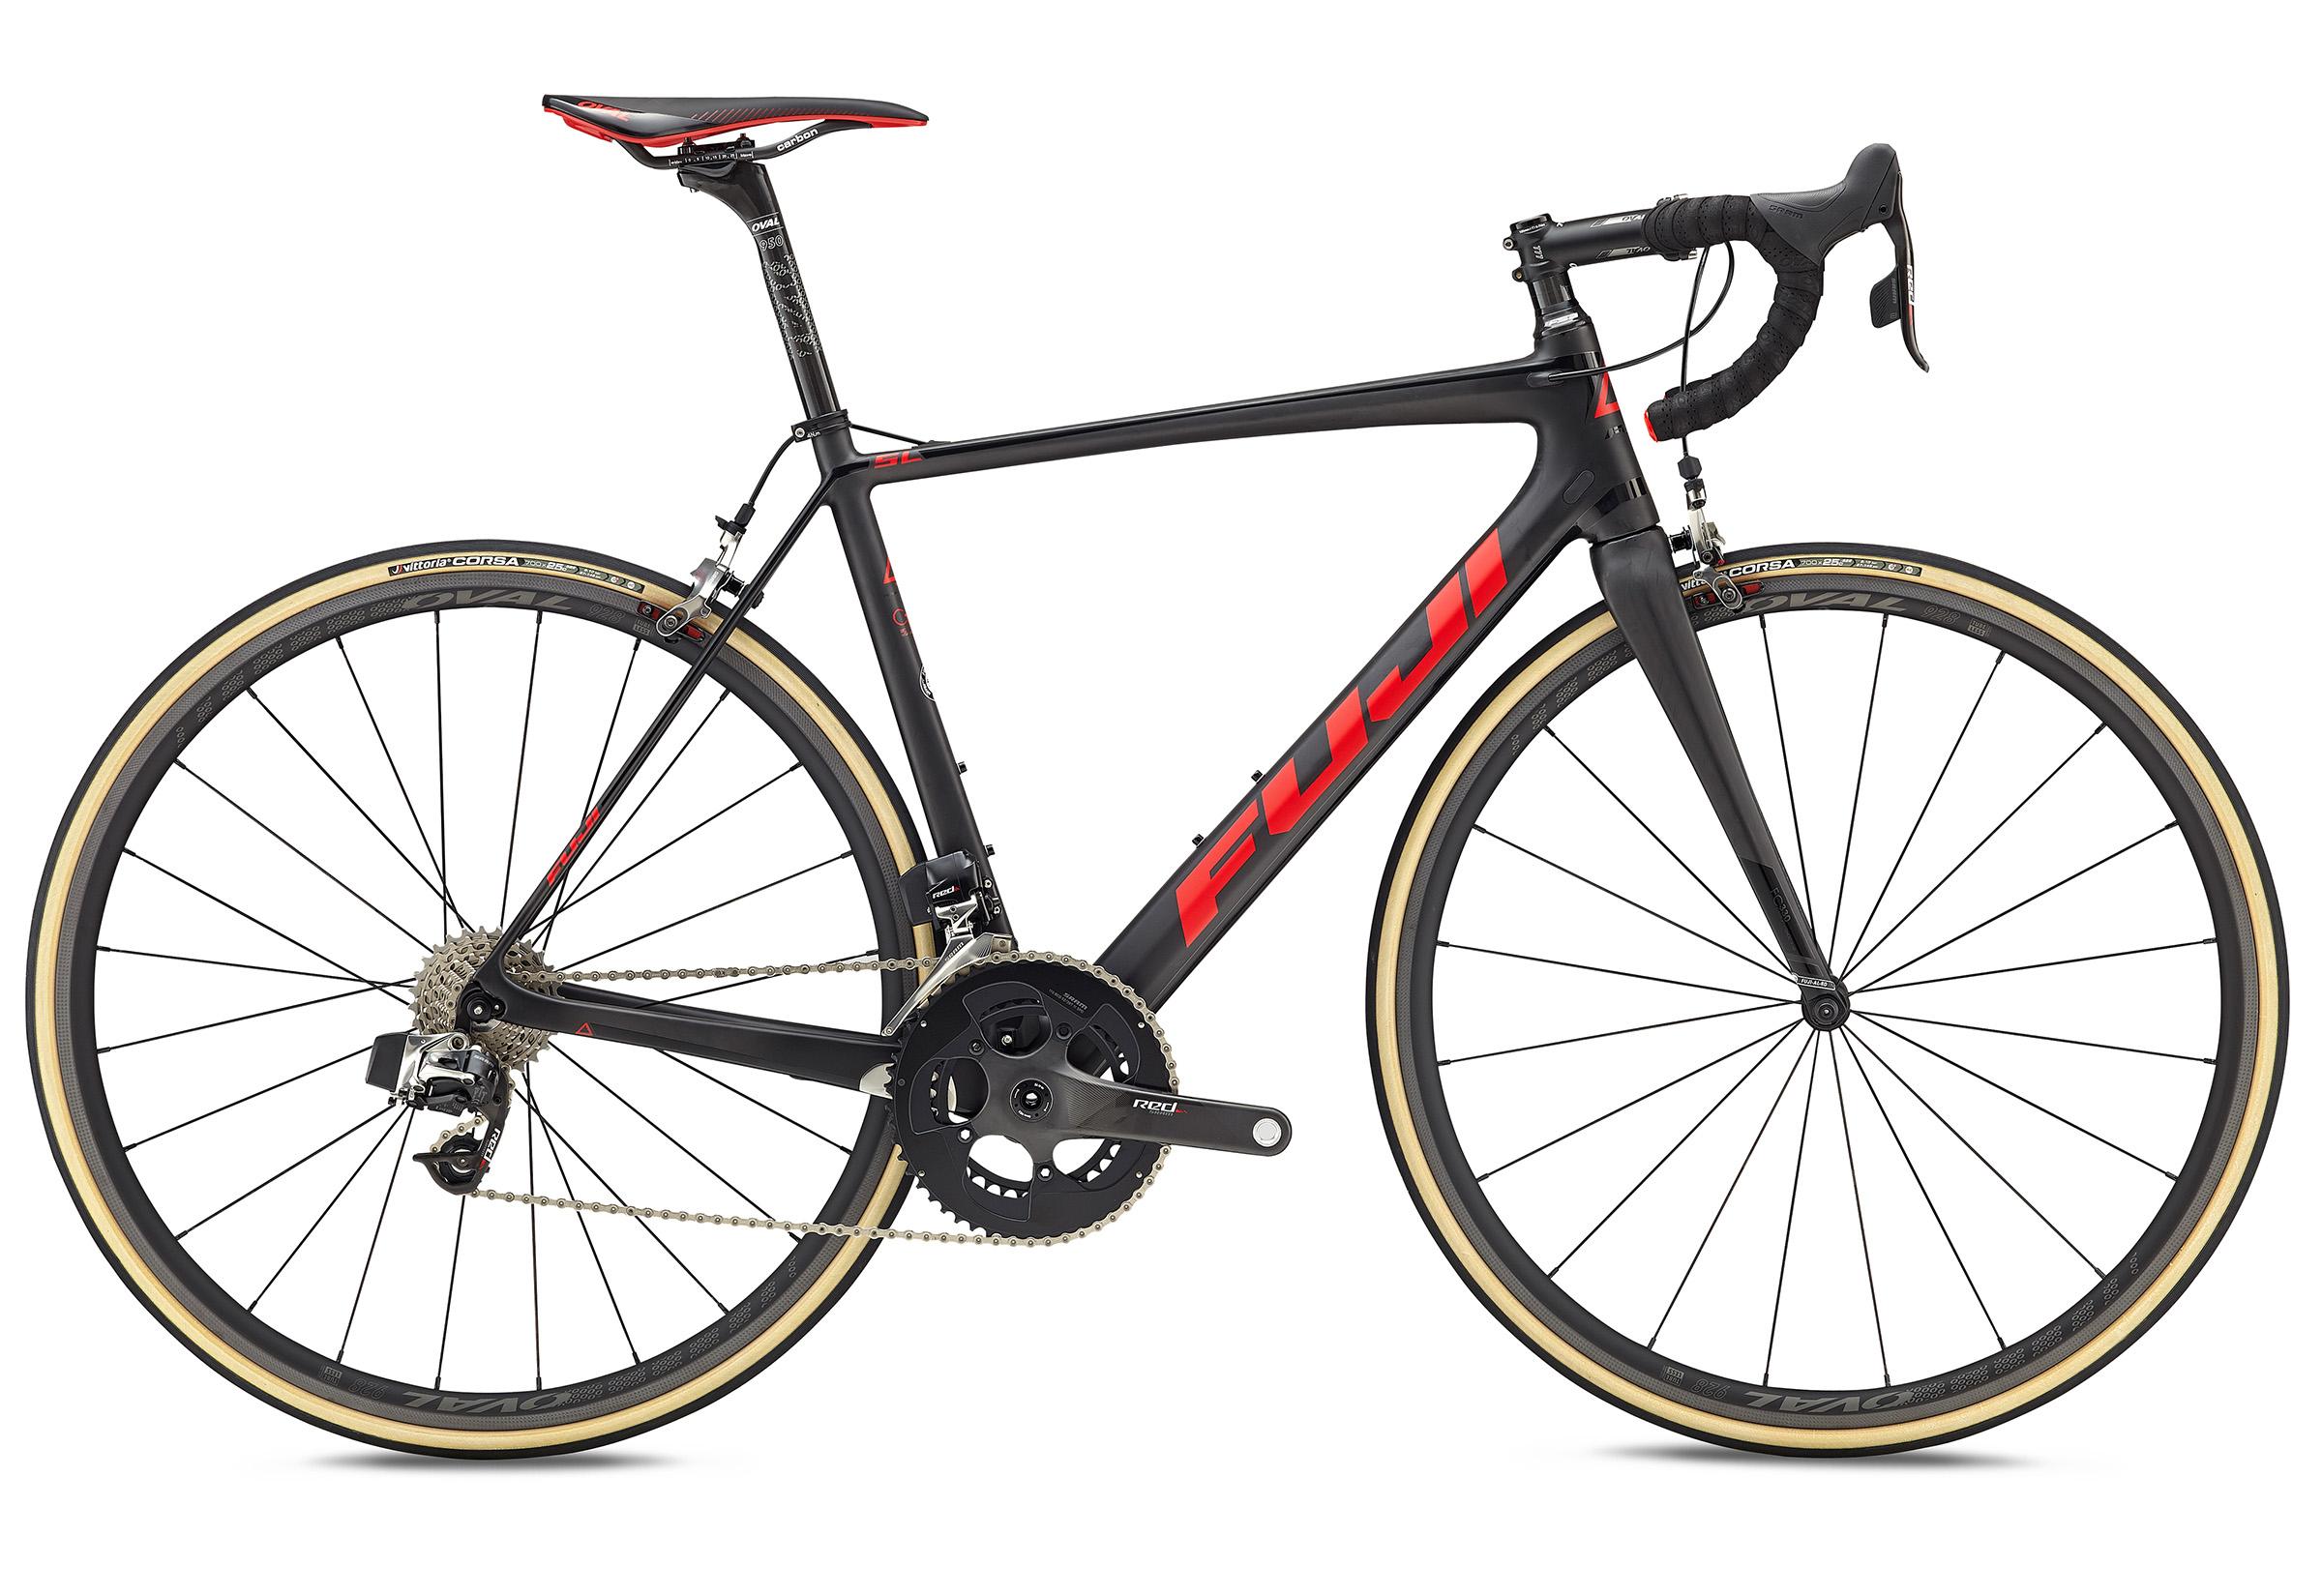 34a1532d5ec Fuji SL 1.1 - B & L Bike Shop Davis CA 95616